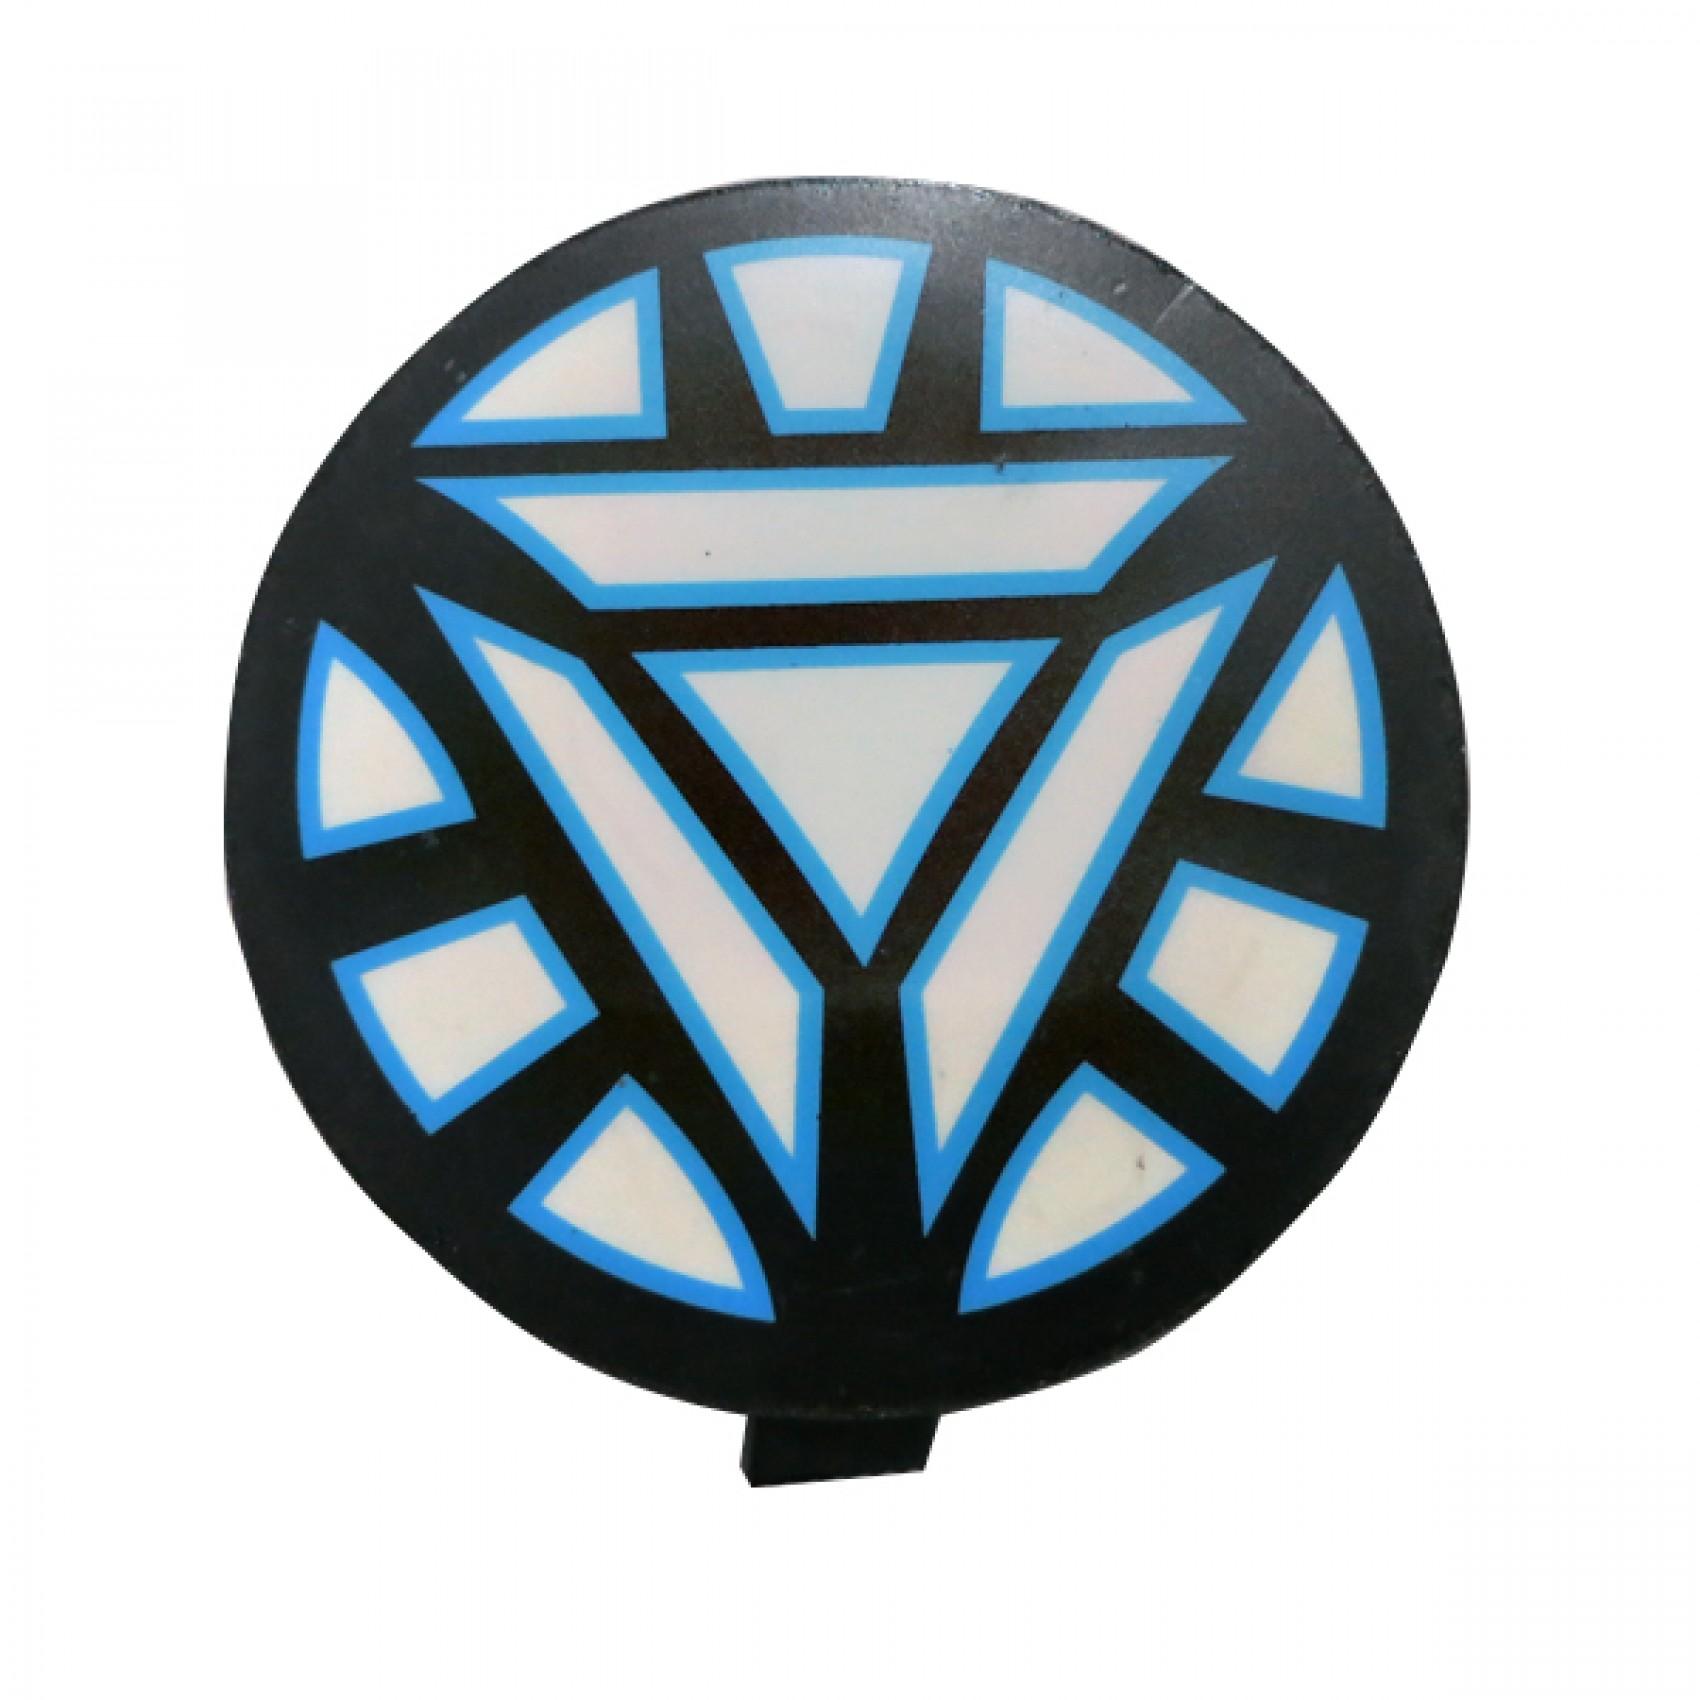 ironman logo free download best ironman logo on